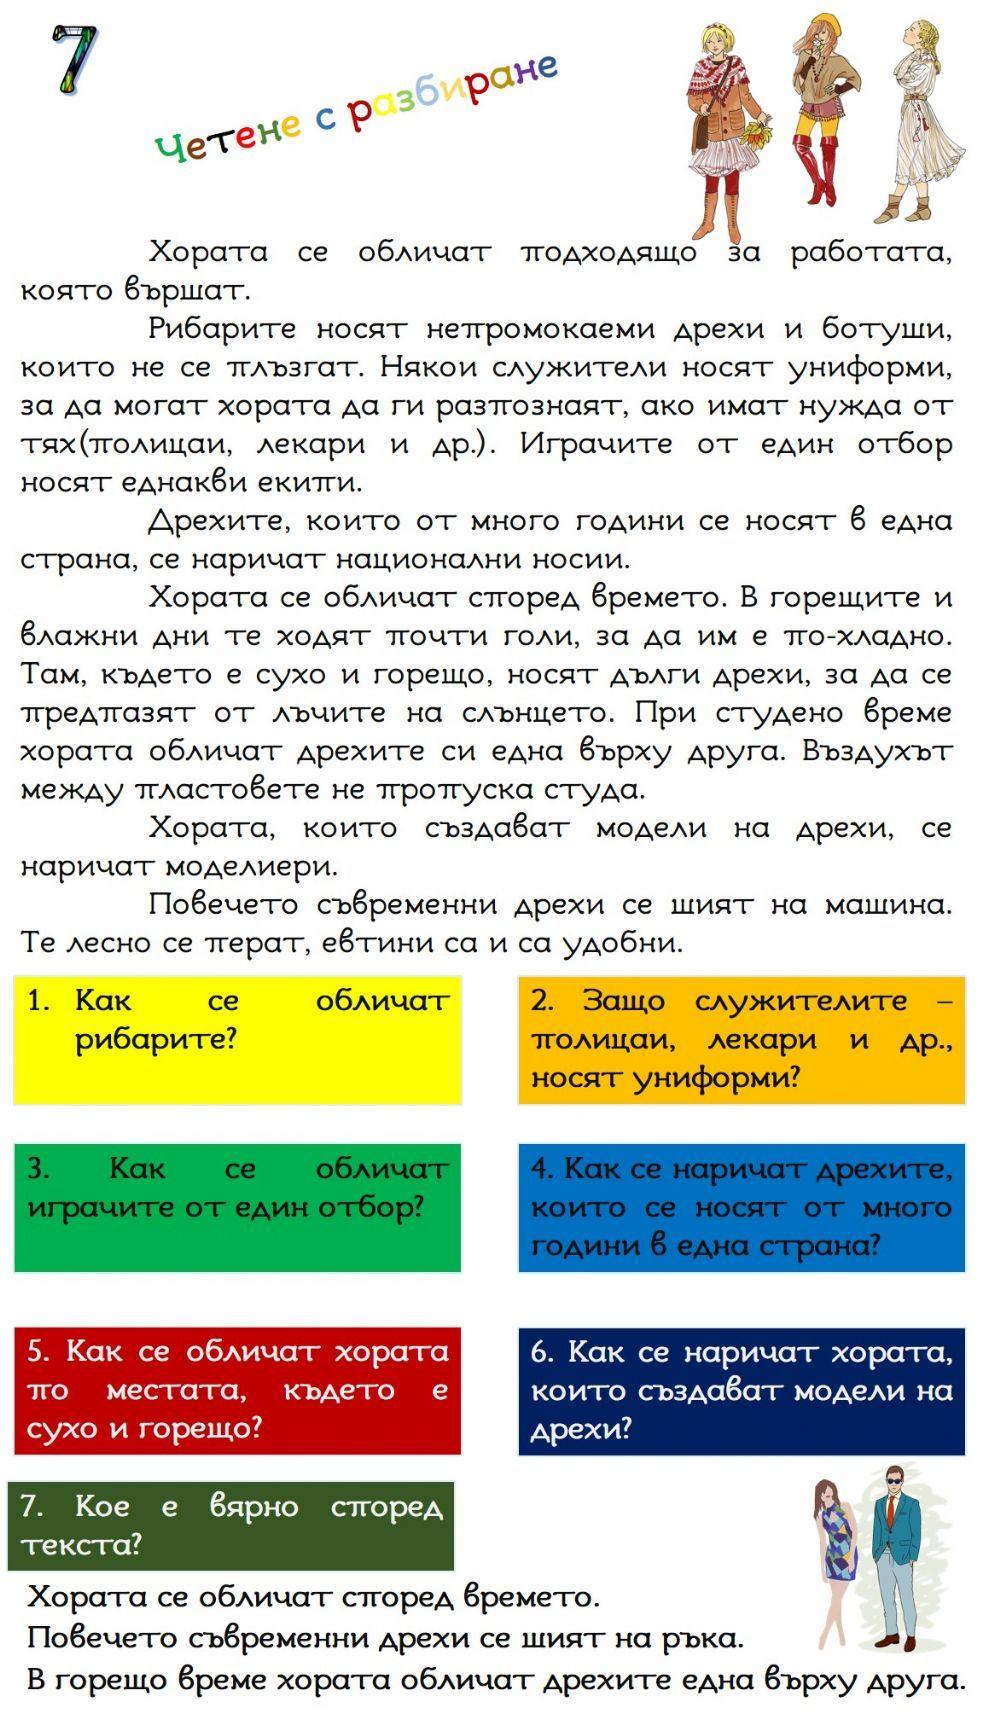 Четене с разбиране7 Interactive worksheet in 2020